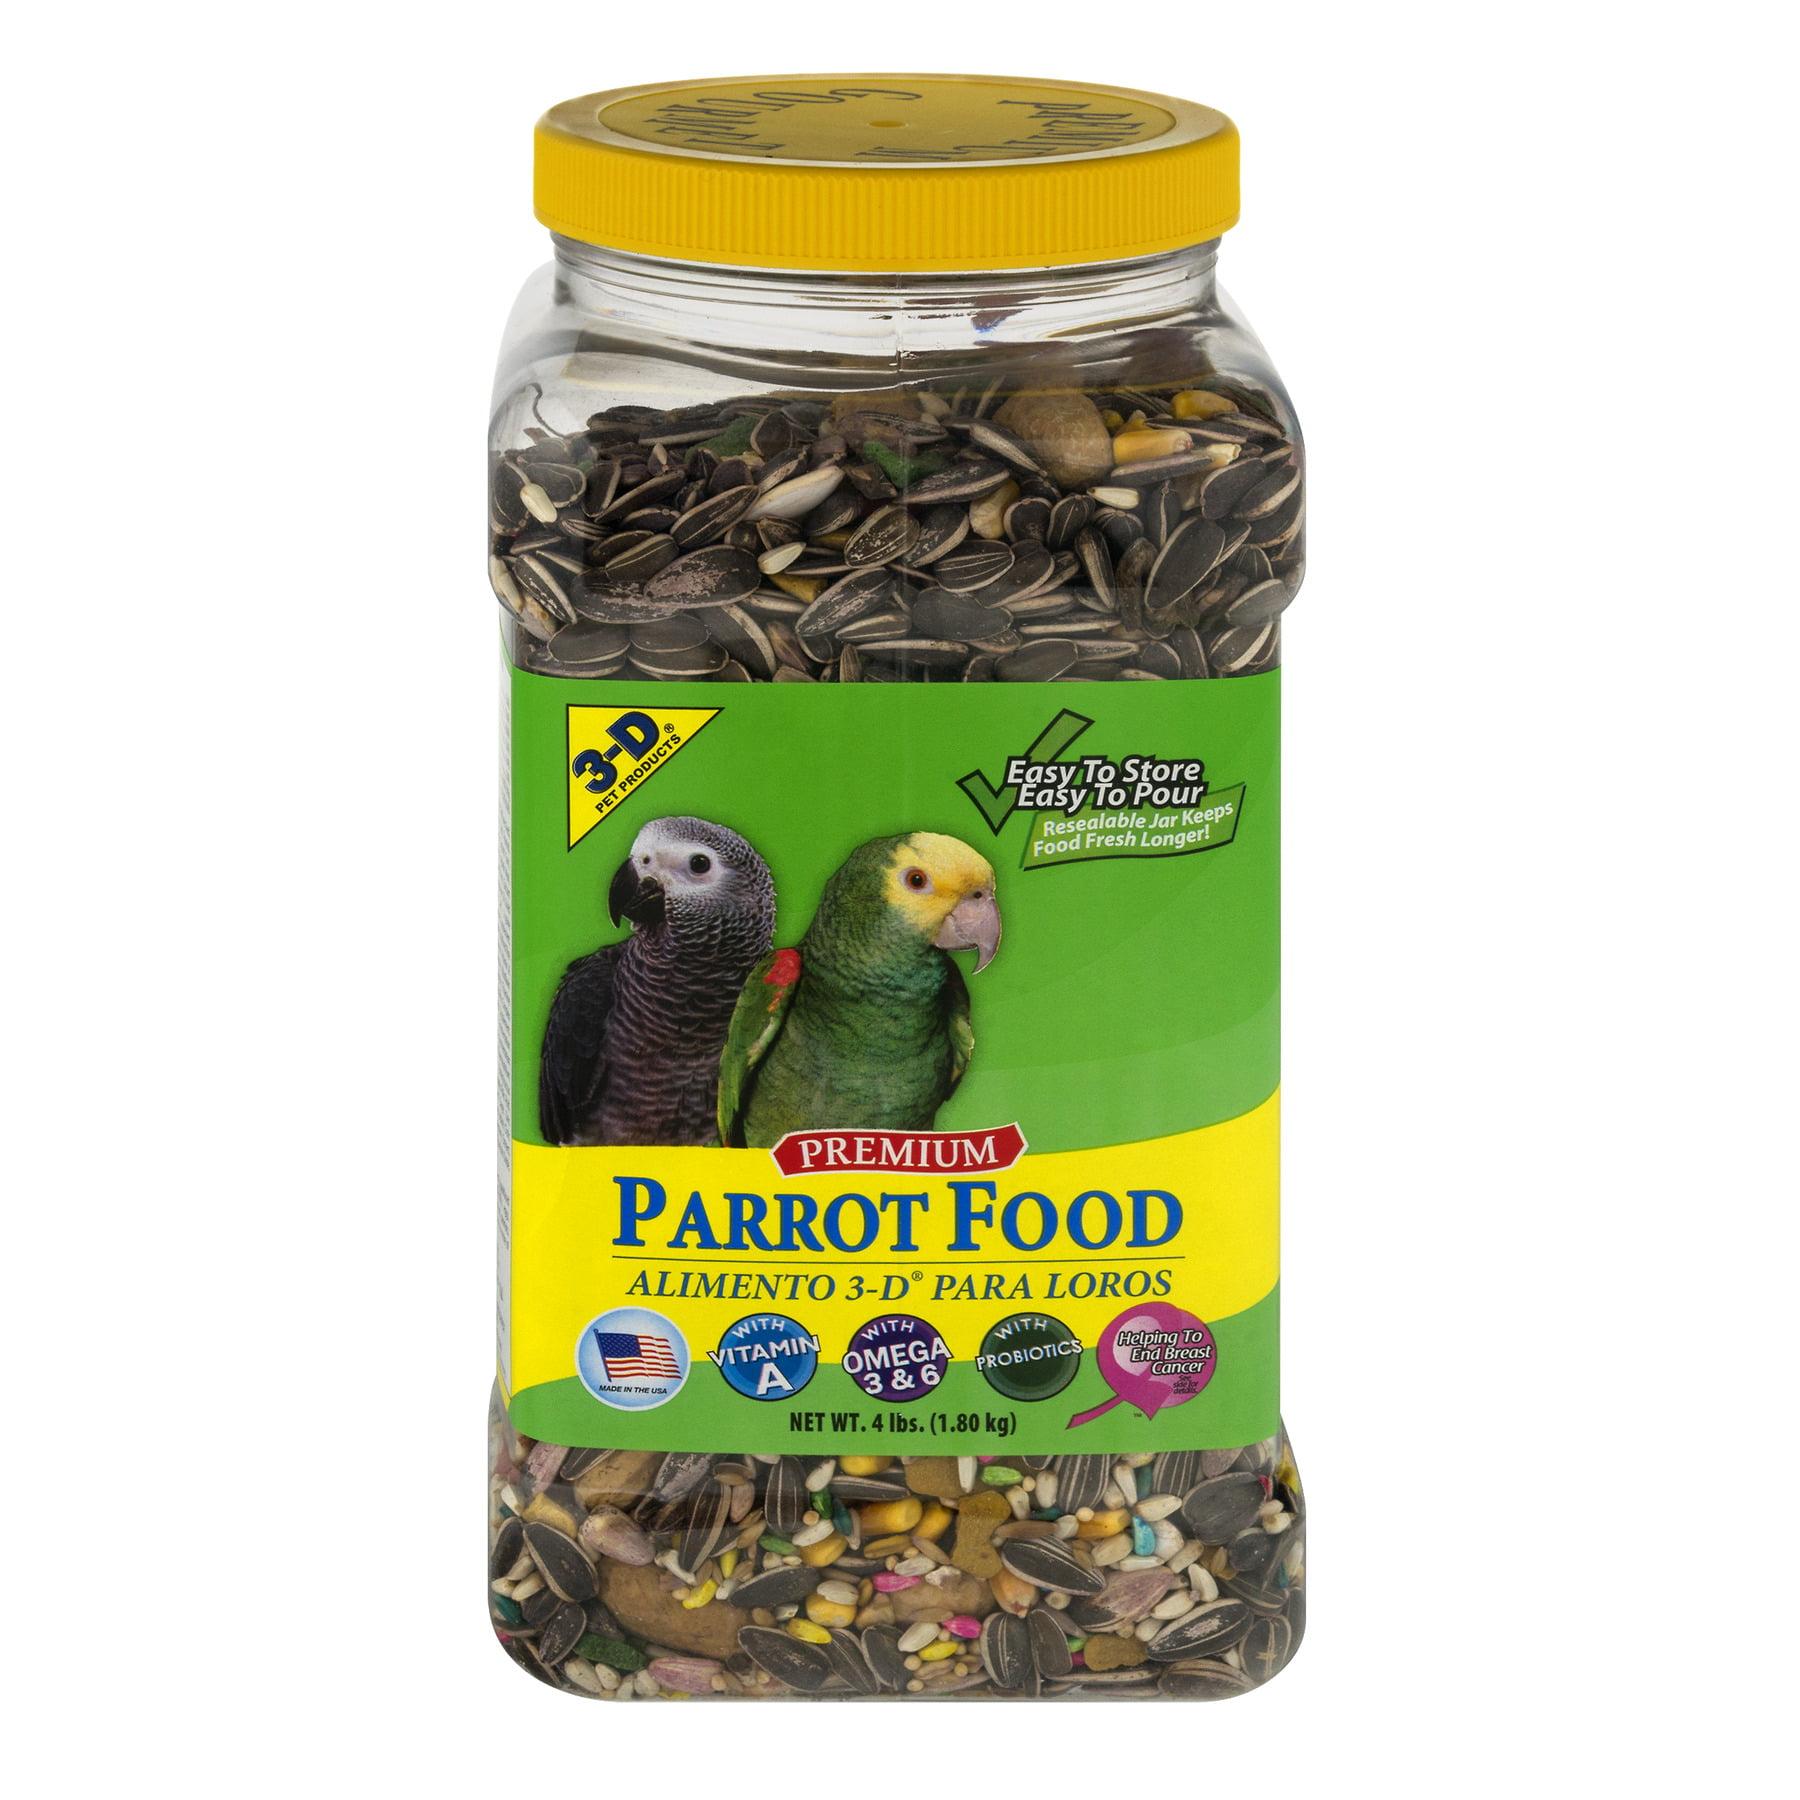 3-D Premium Parrot Food, 4.0 LB